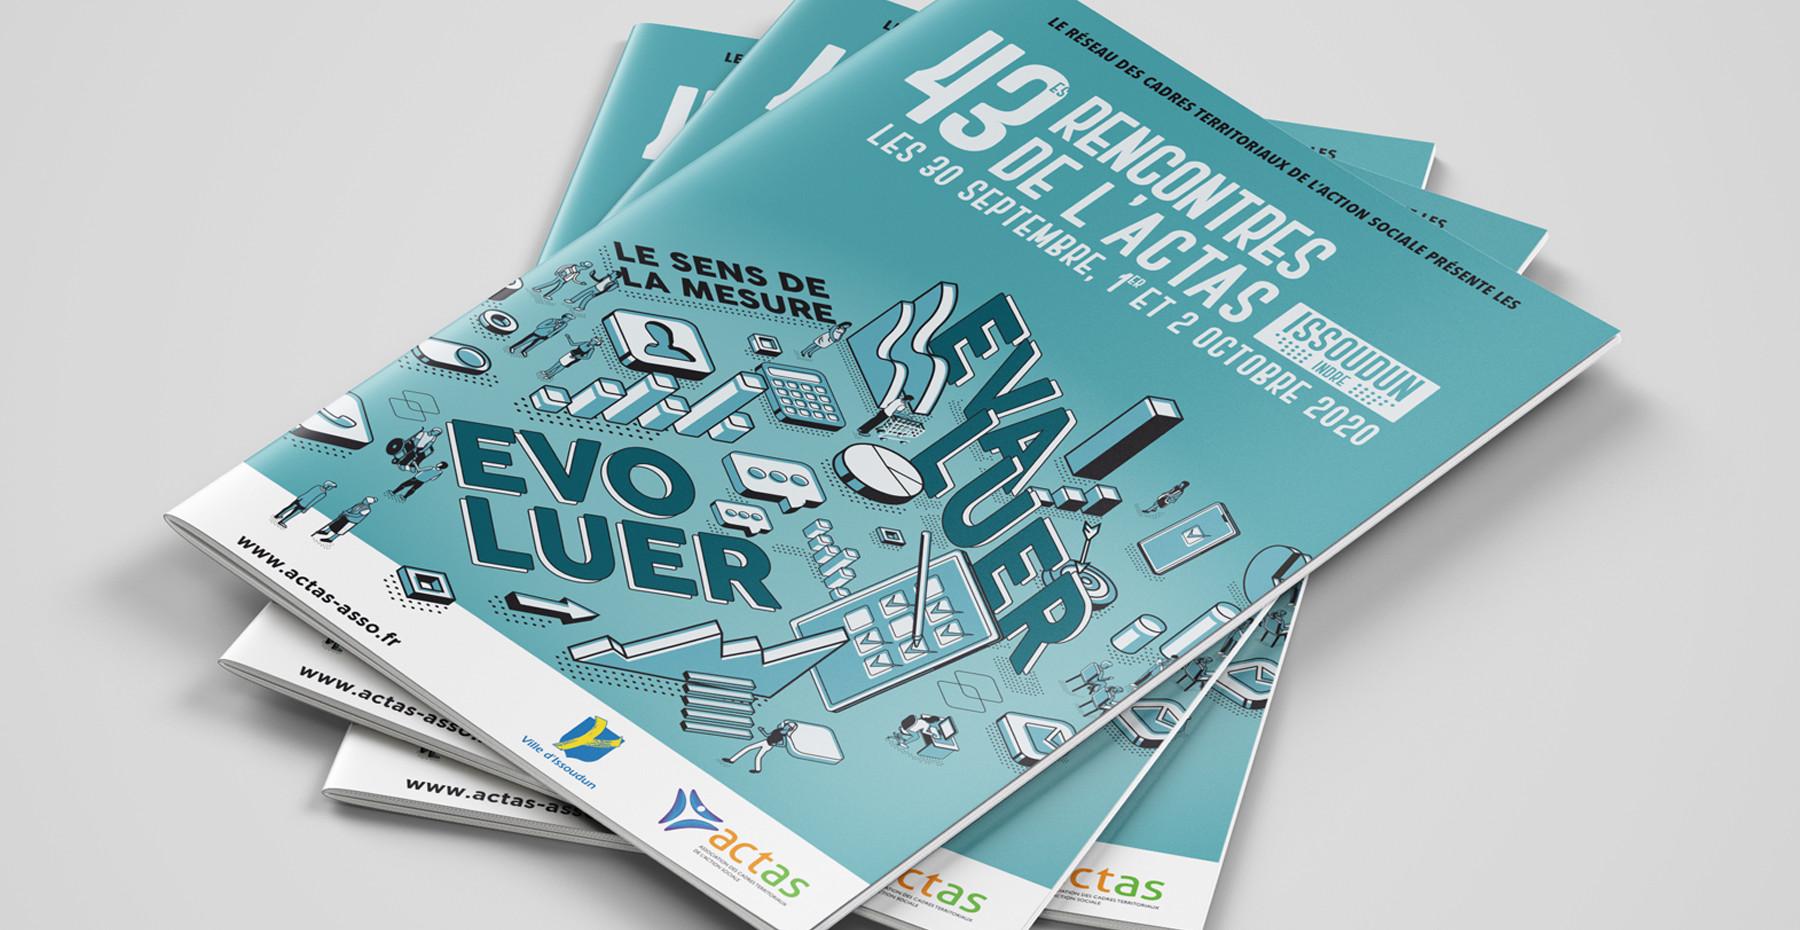 ACTAS couverture 43e Rencontres.jpg